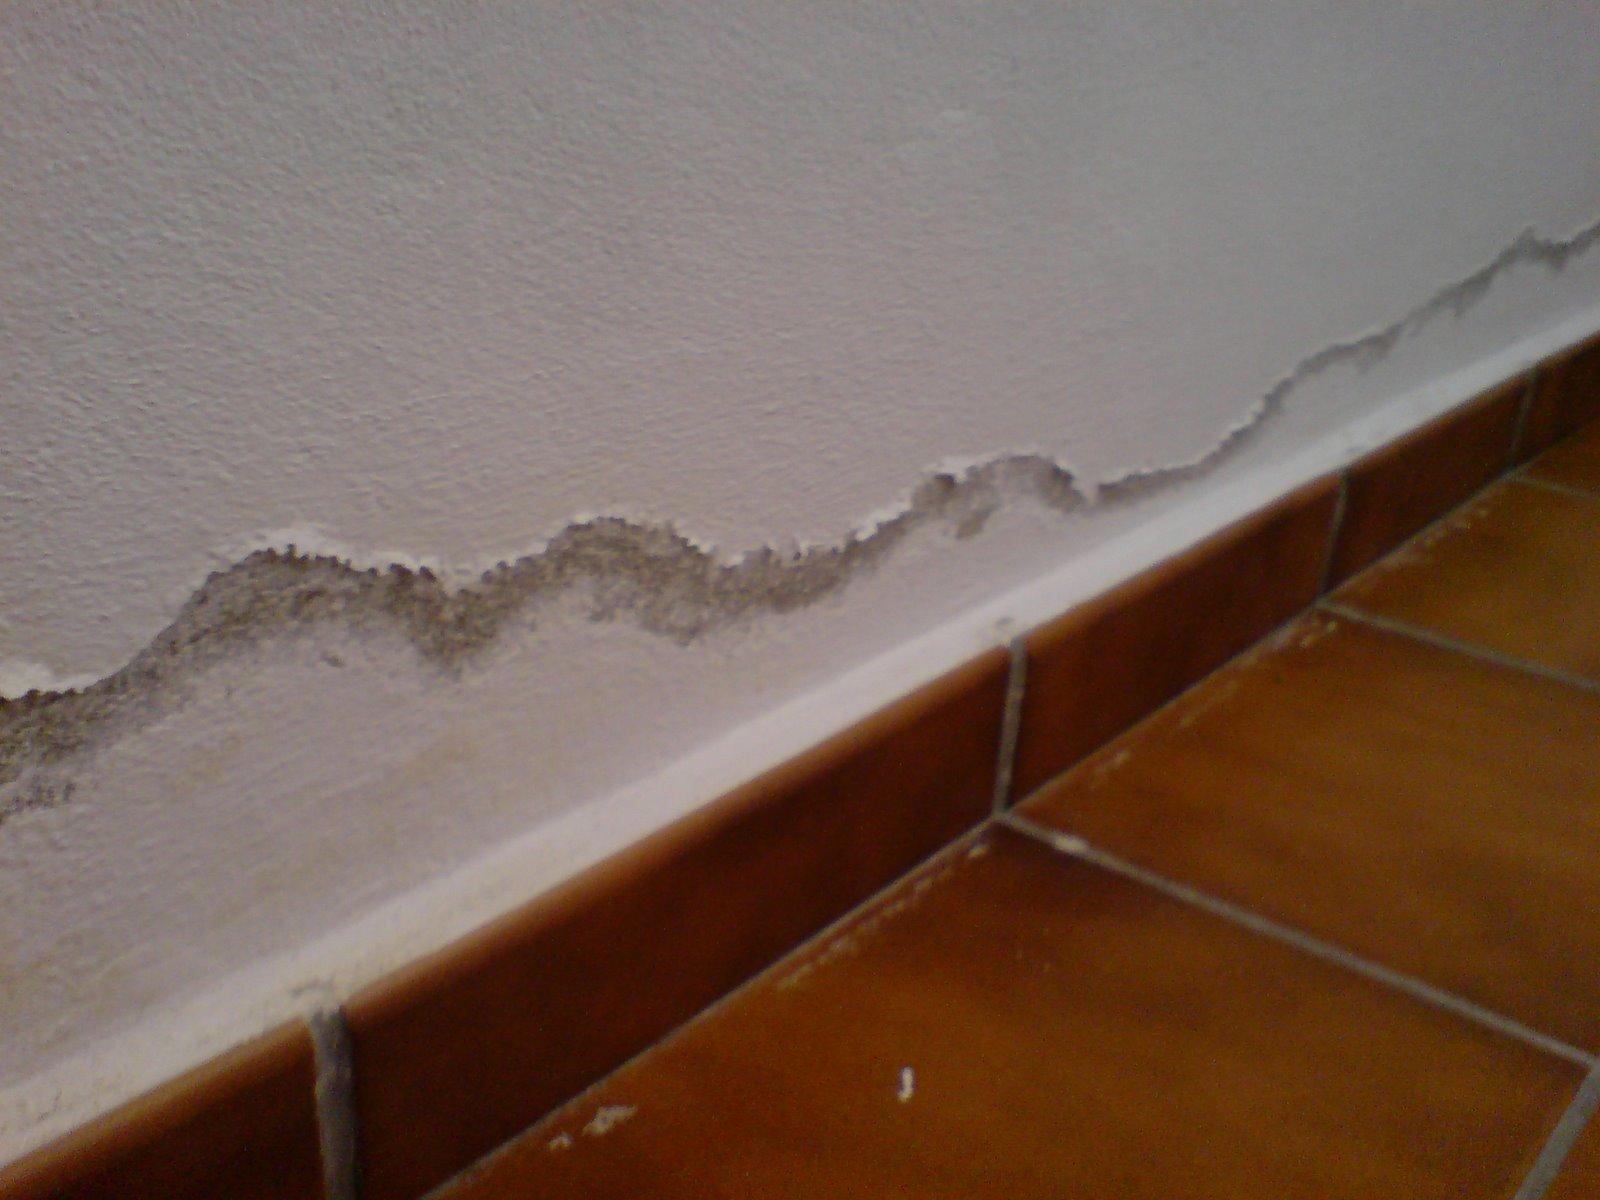 El origen de la humedad por capilaridad est en la tierra - Humedad por condensacion en paredes ...